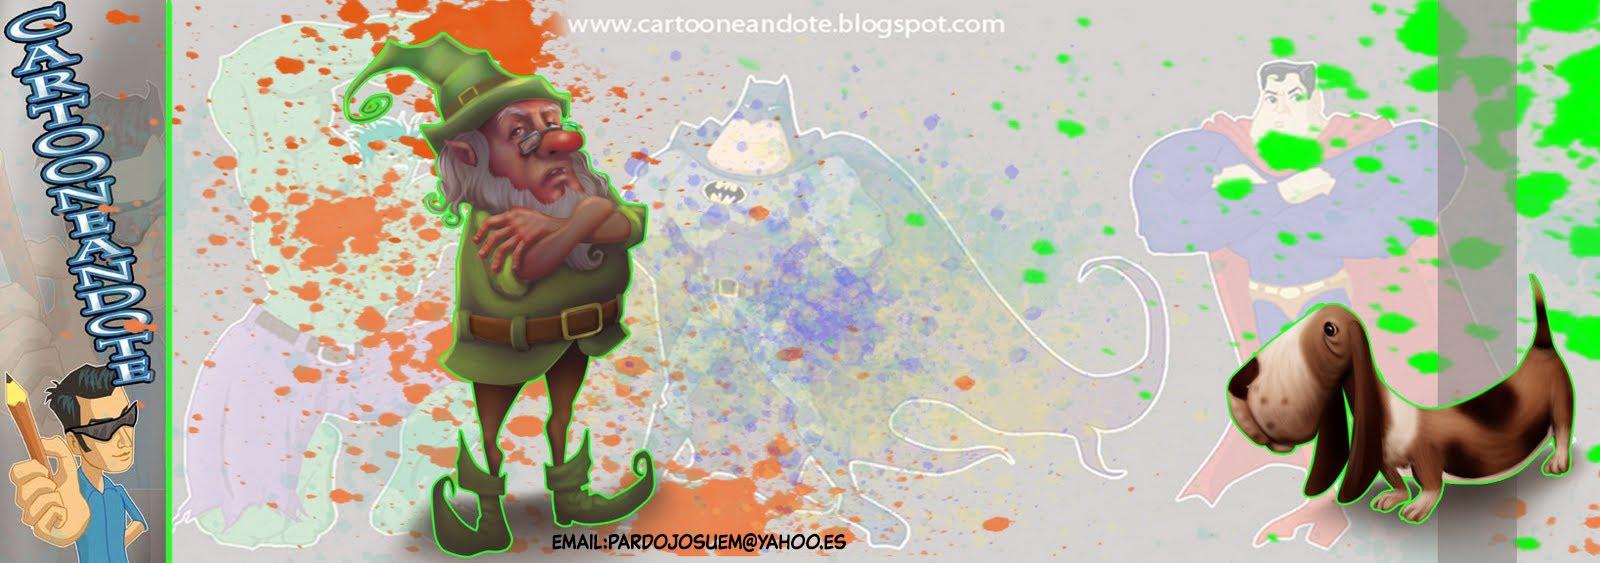 cartooneandote